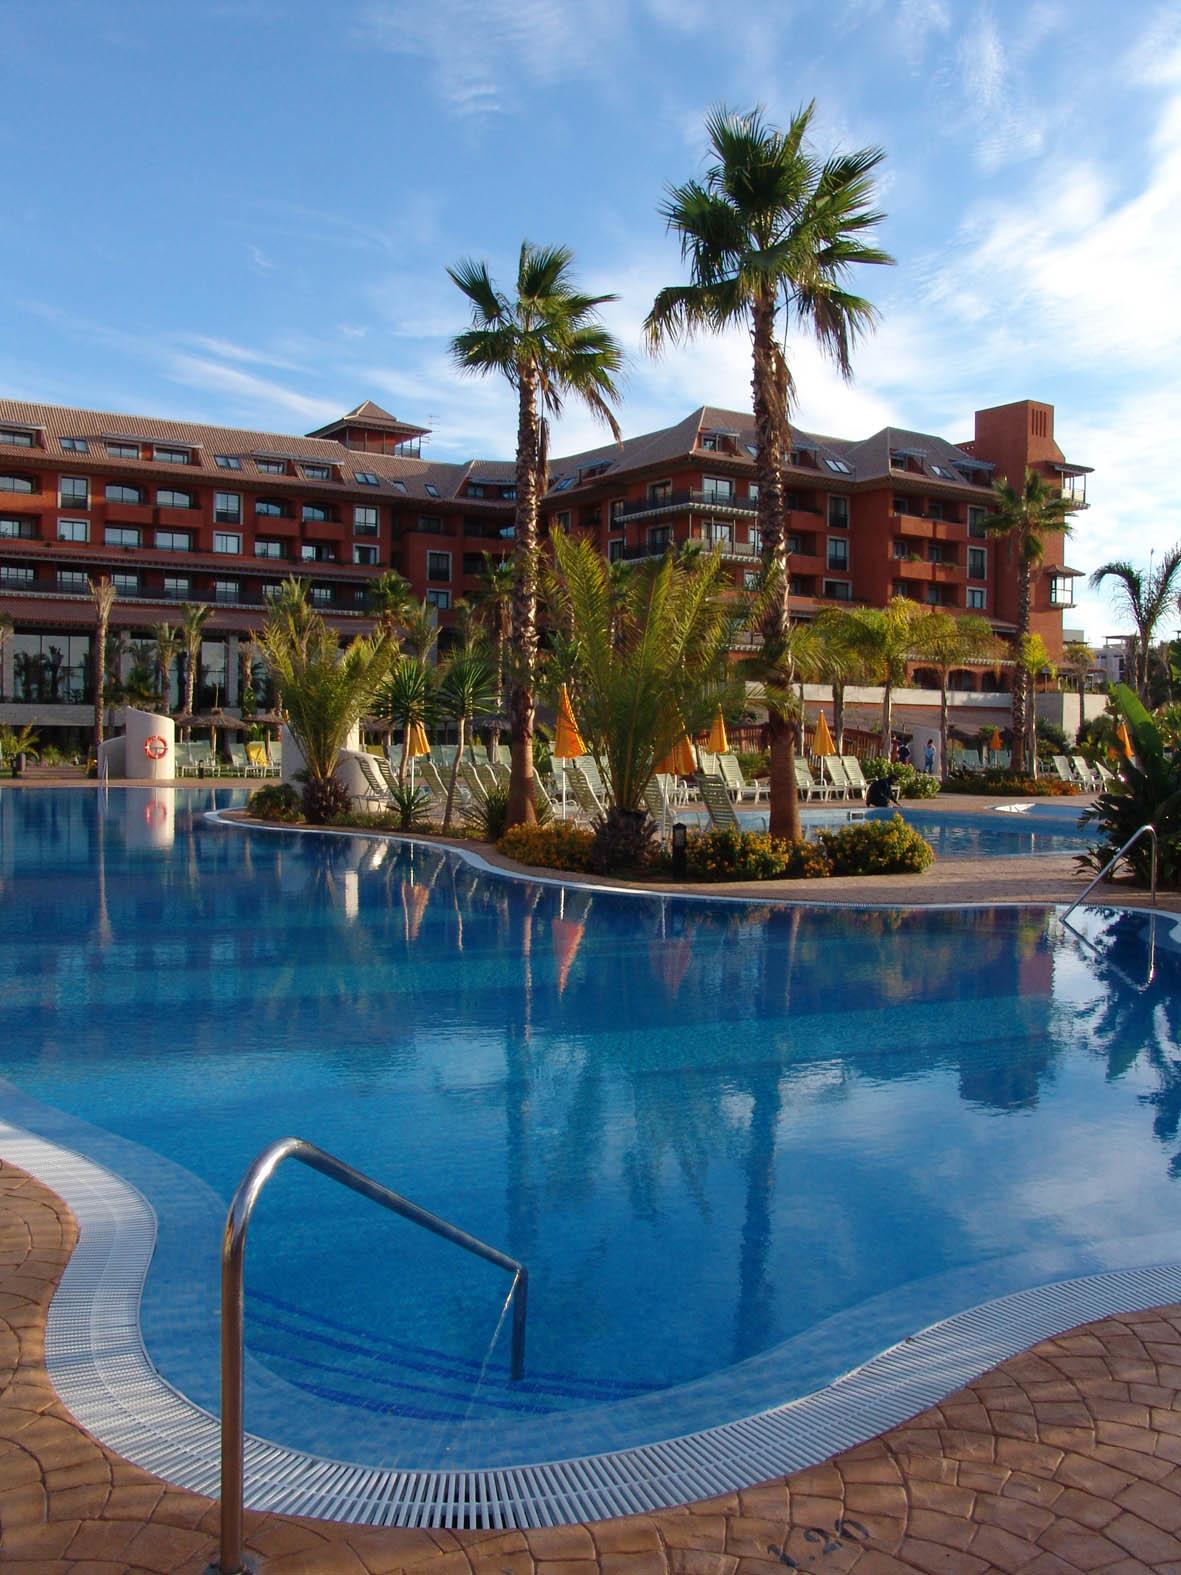 Finde feliz promociones de puerto antilla grand hotel para septiembre - Puerto antilla grand hotel ...